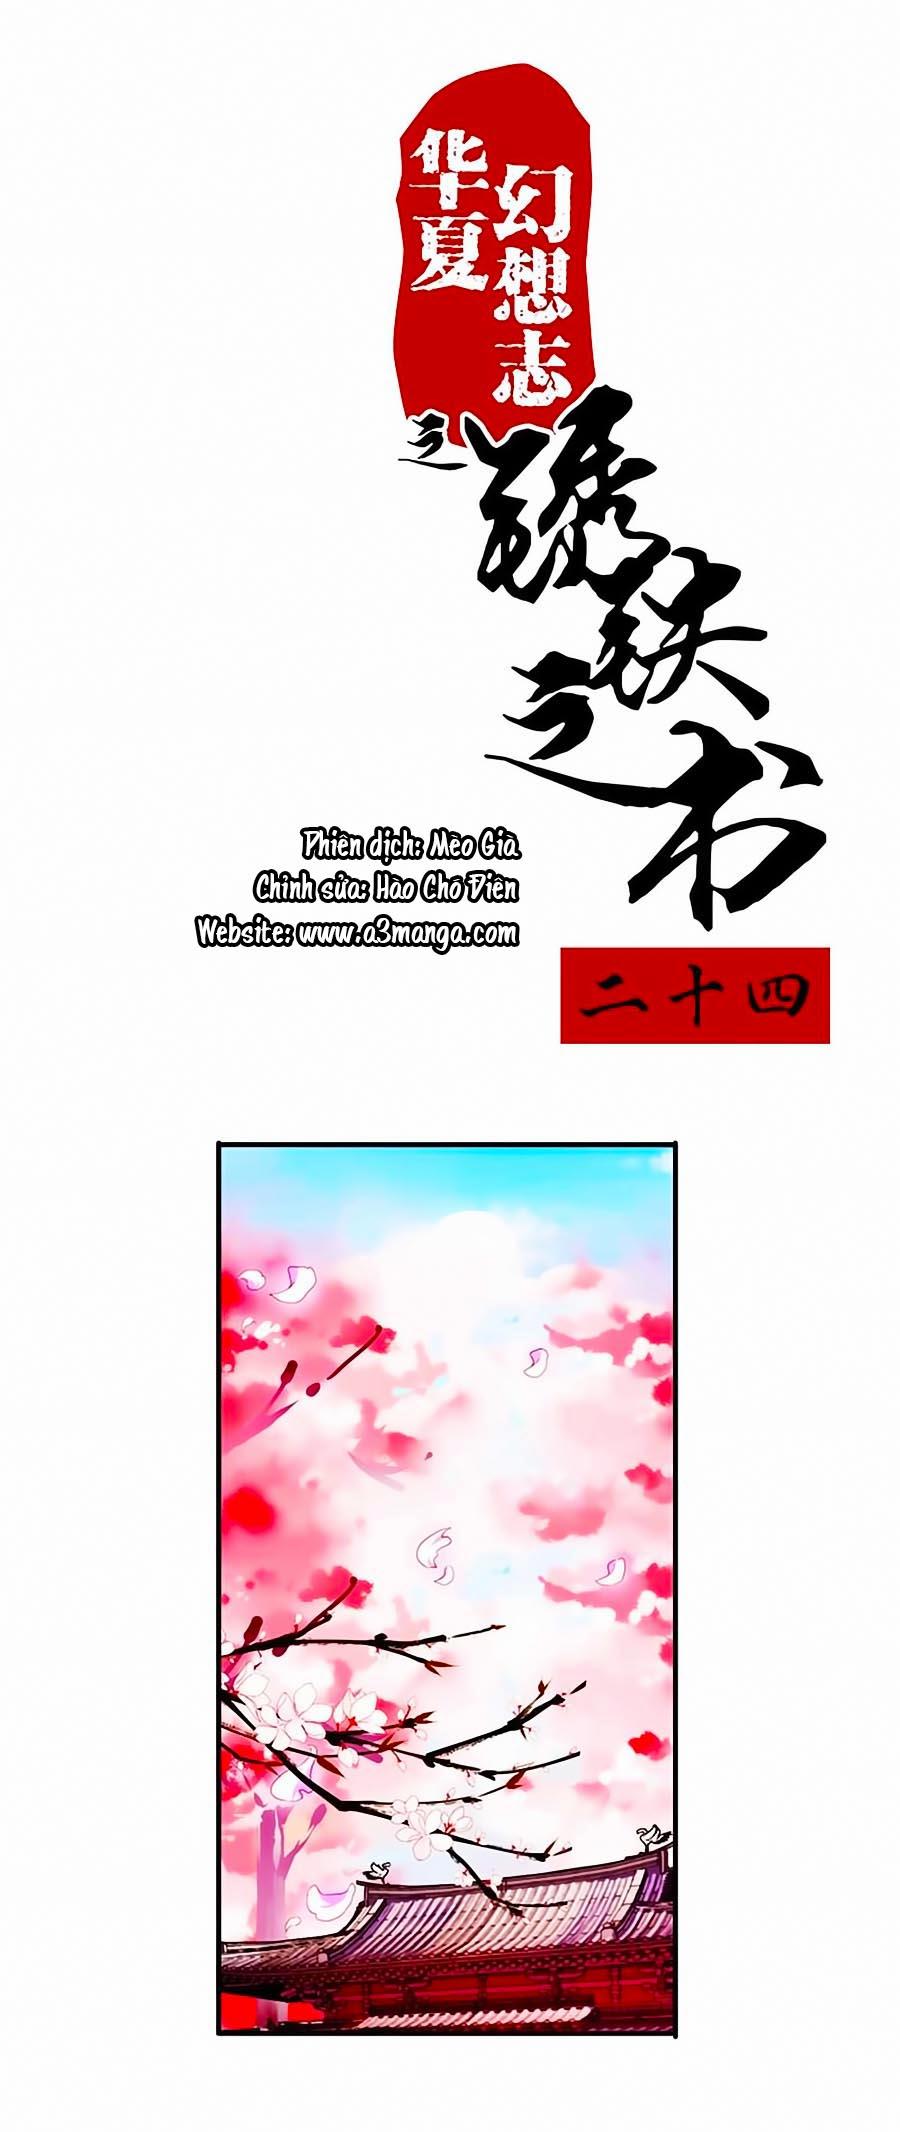 Tú Thiết Chi Thư Chap 24 - Next Chap 25